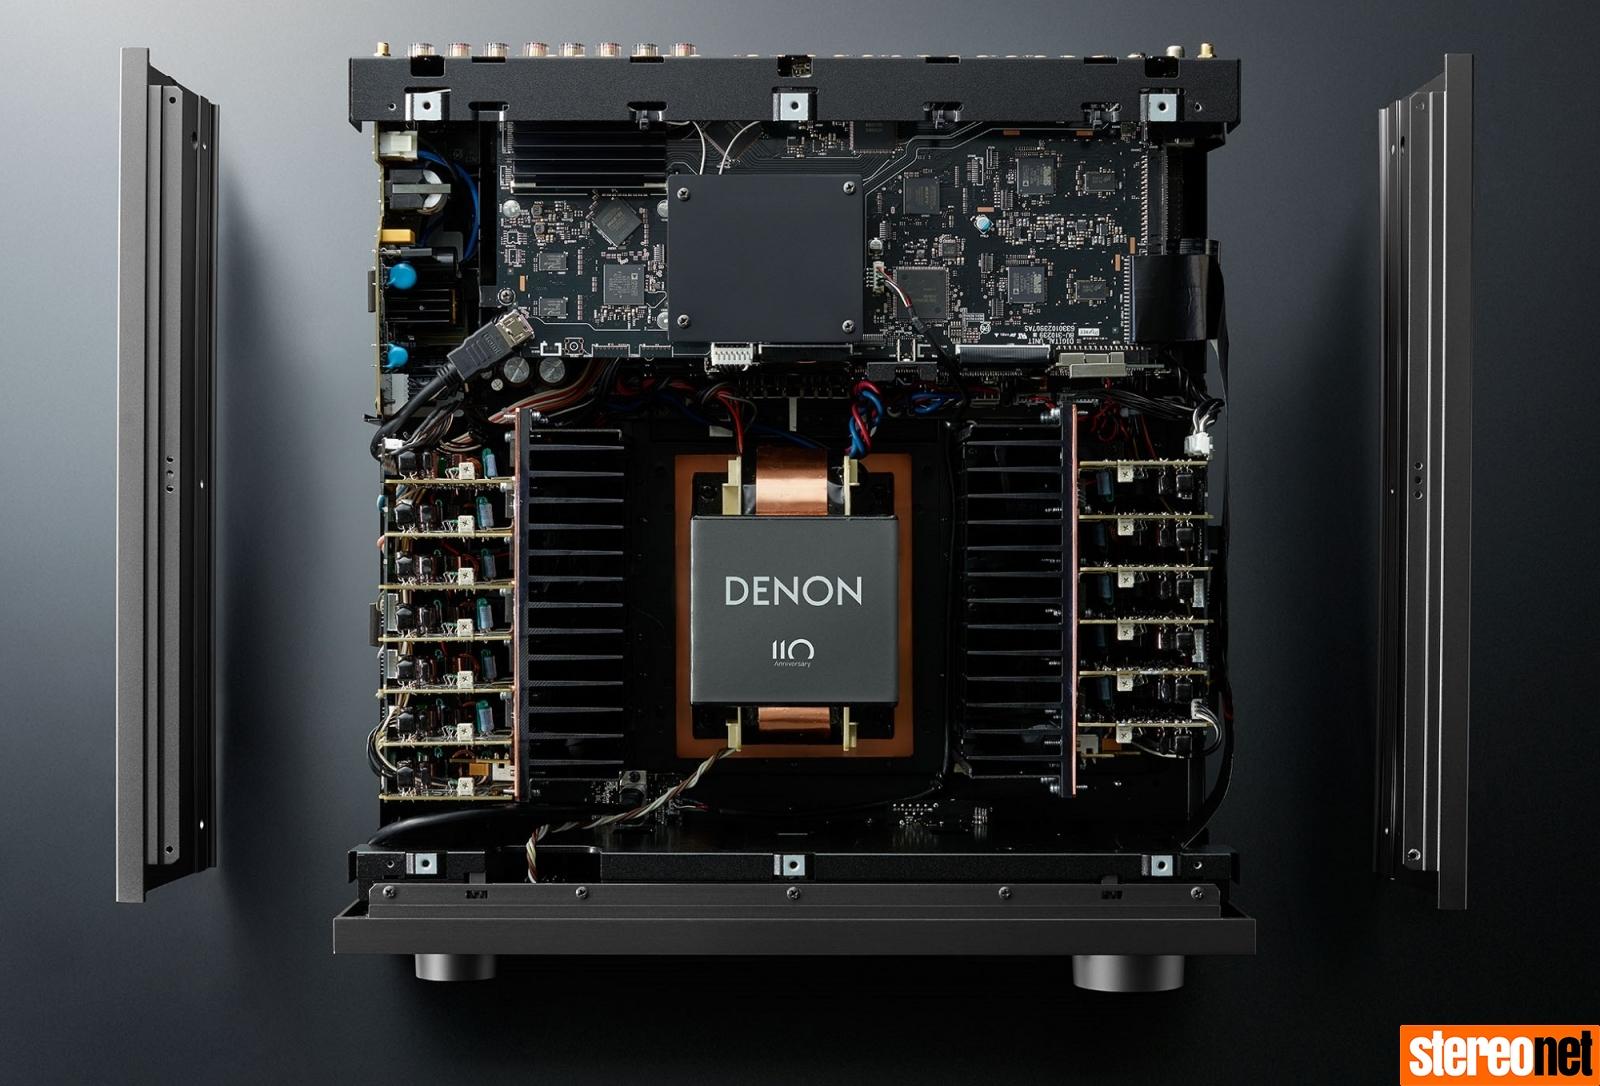 Denon-A110 av amp